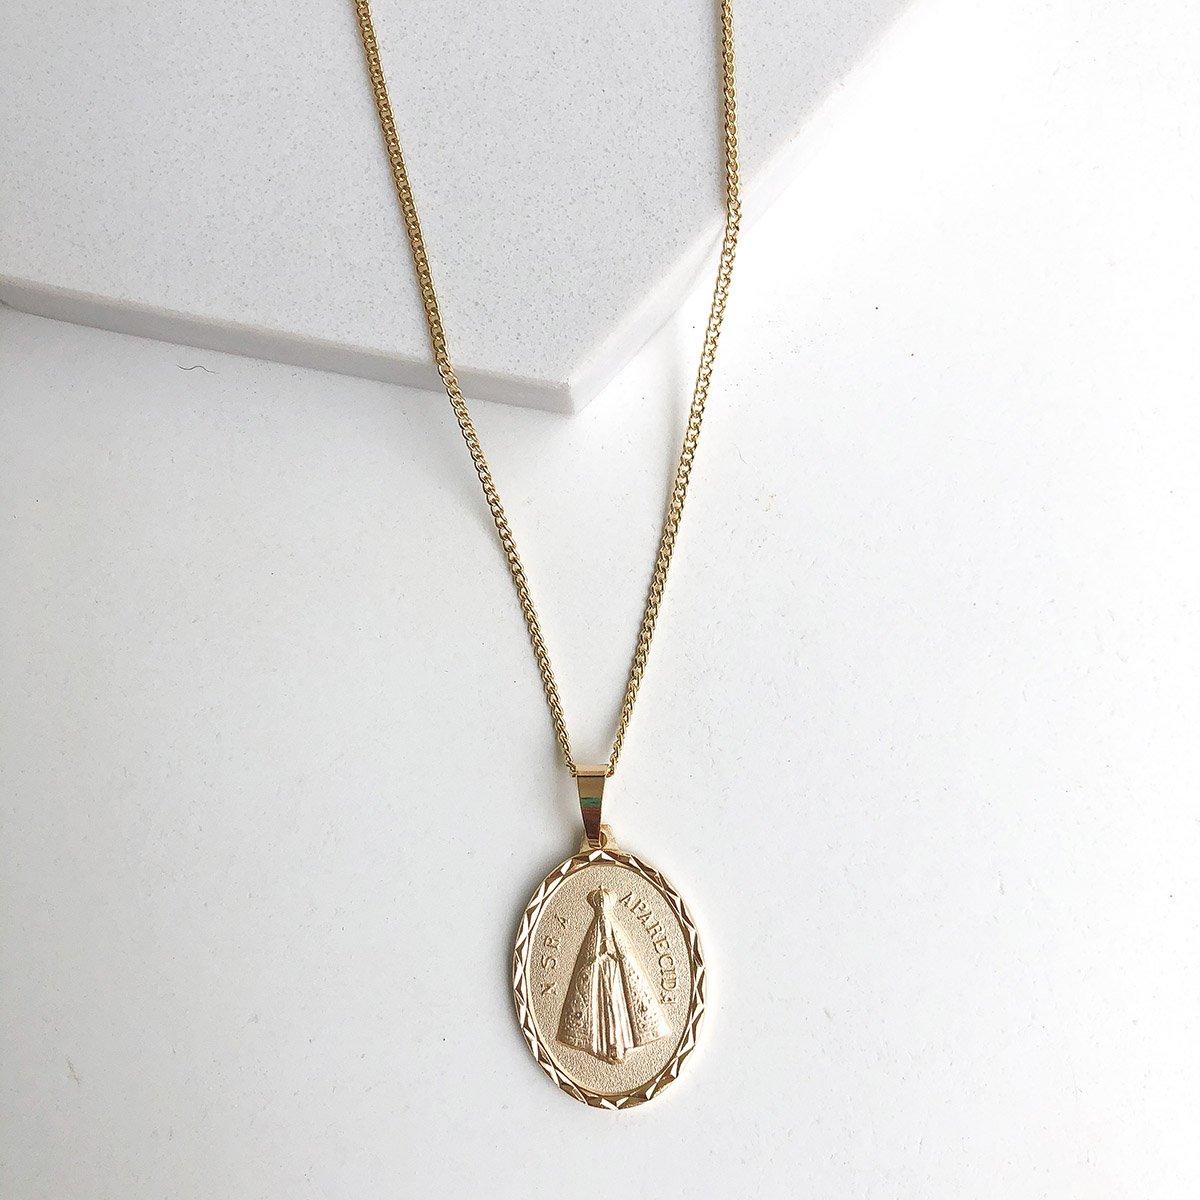 Colar Banhado a Ouro 18k com Pingente Medalha Fosca Nossa Senhora Aparecida